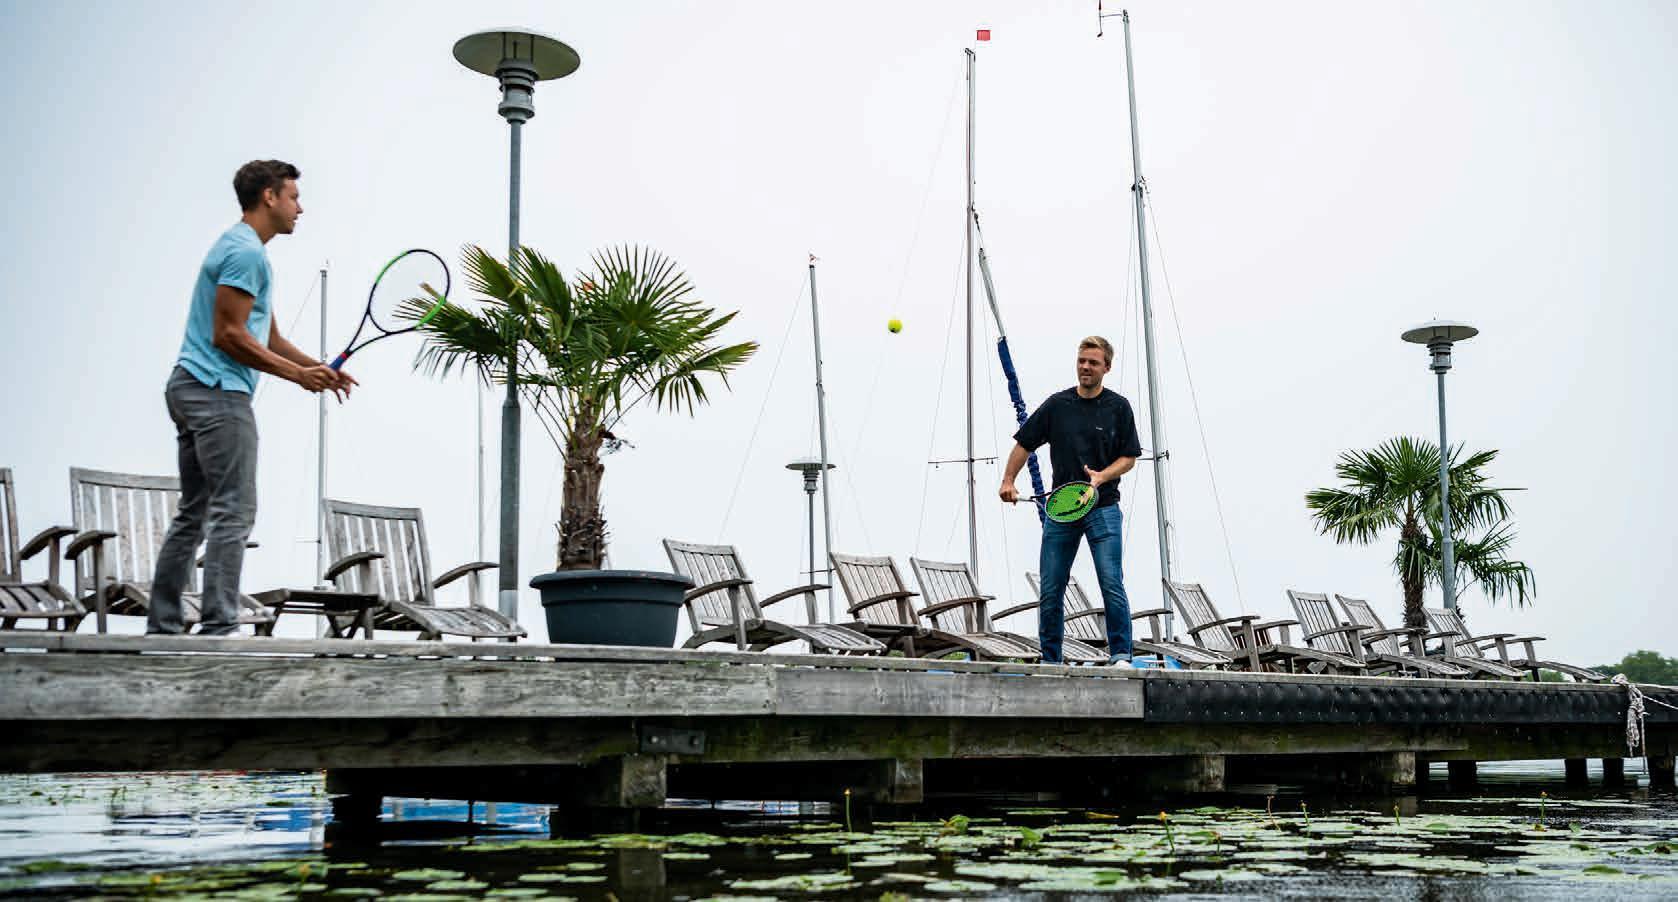 French Open Doppel Sieger, Kevin Krawietz (r) und Andi Mies, hatten ihren besten Auftritt leider nur an der Alster. Aus in Runde 2. Foto Alexander Scheuber/ Hamburg European Open